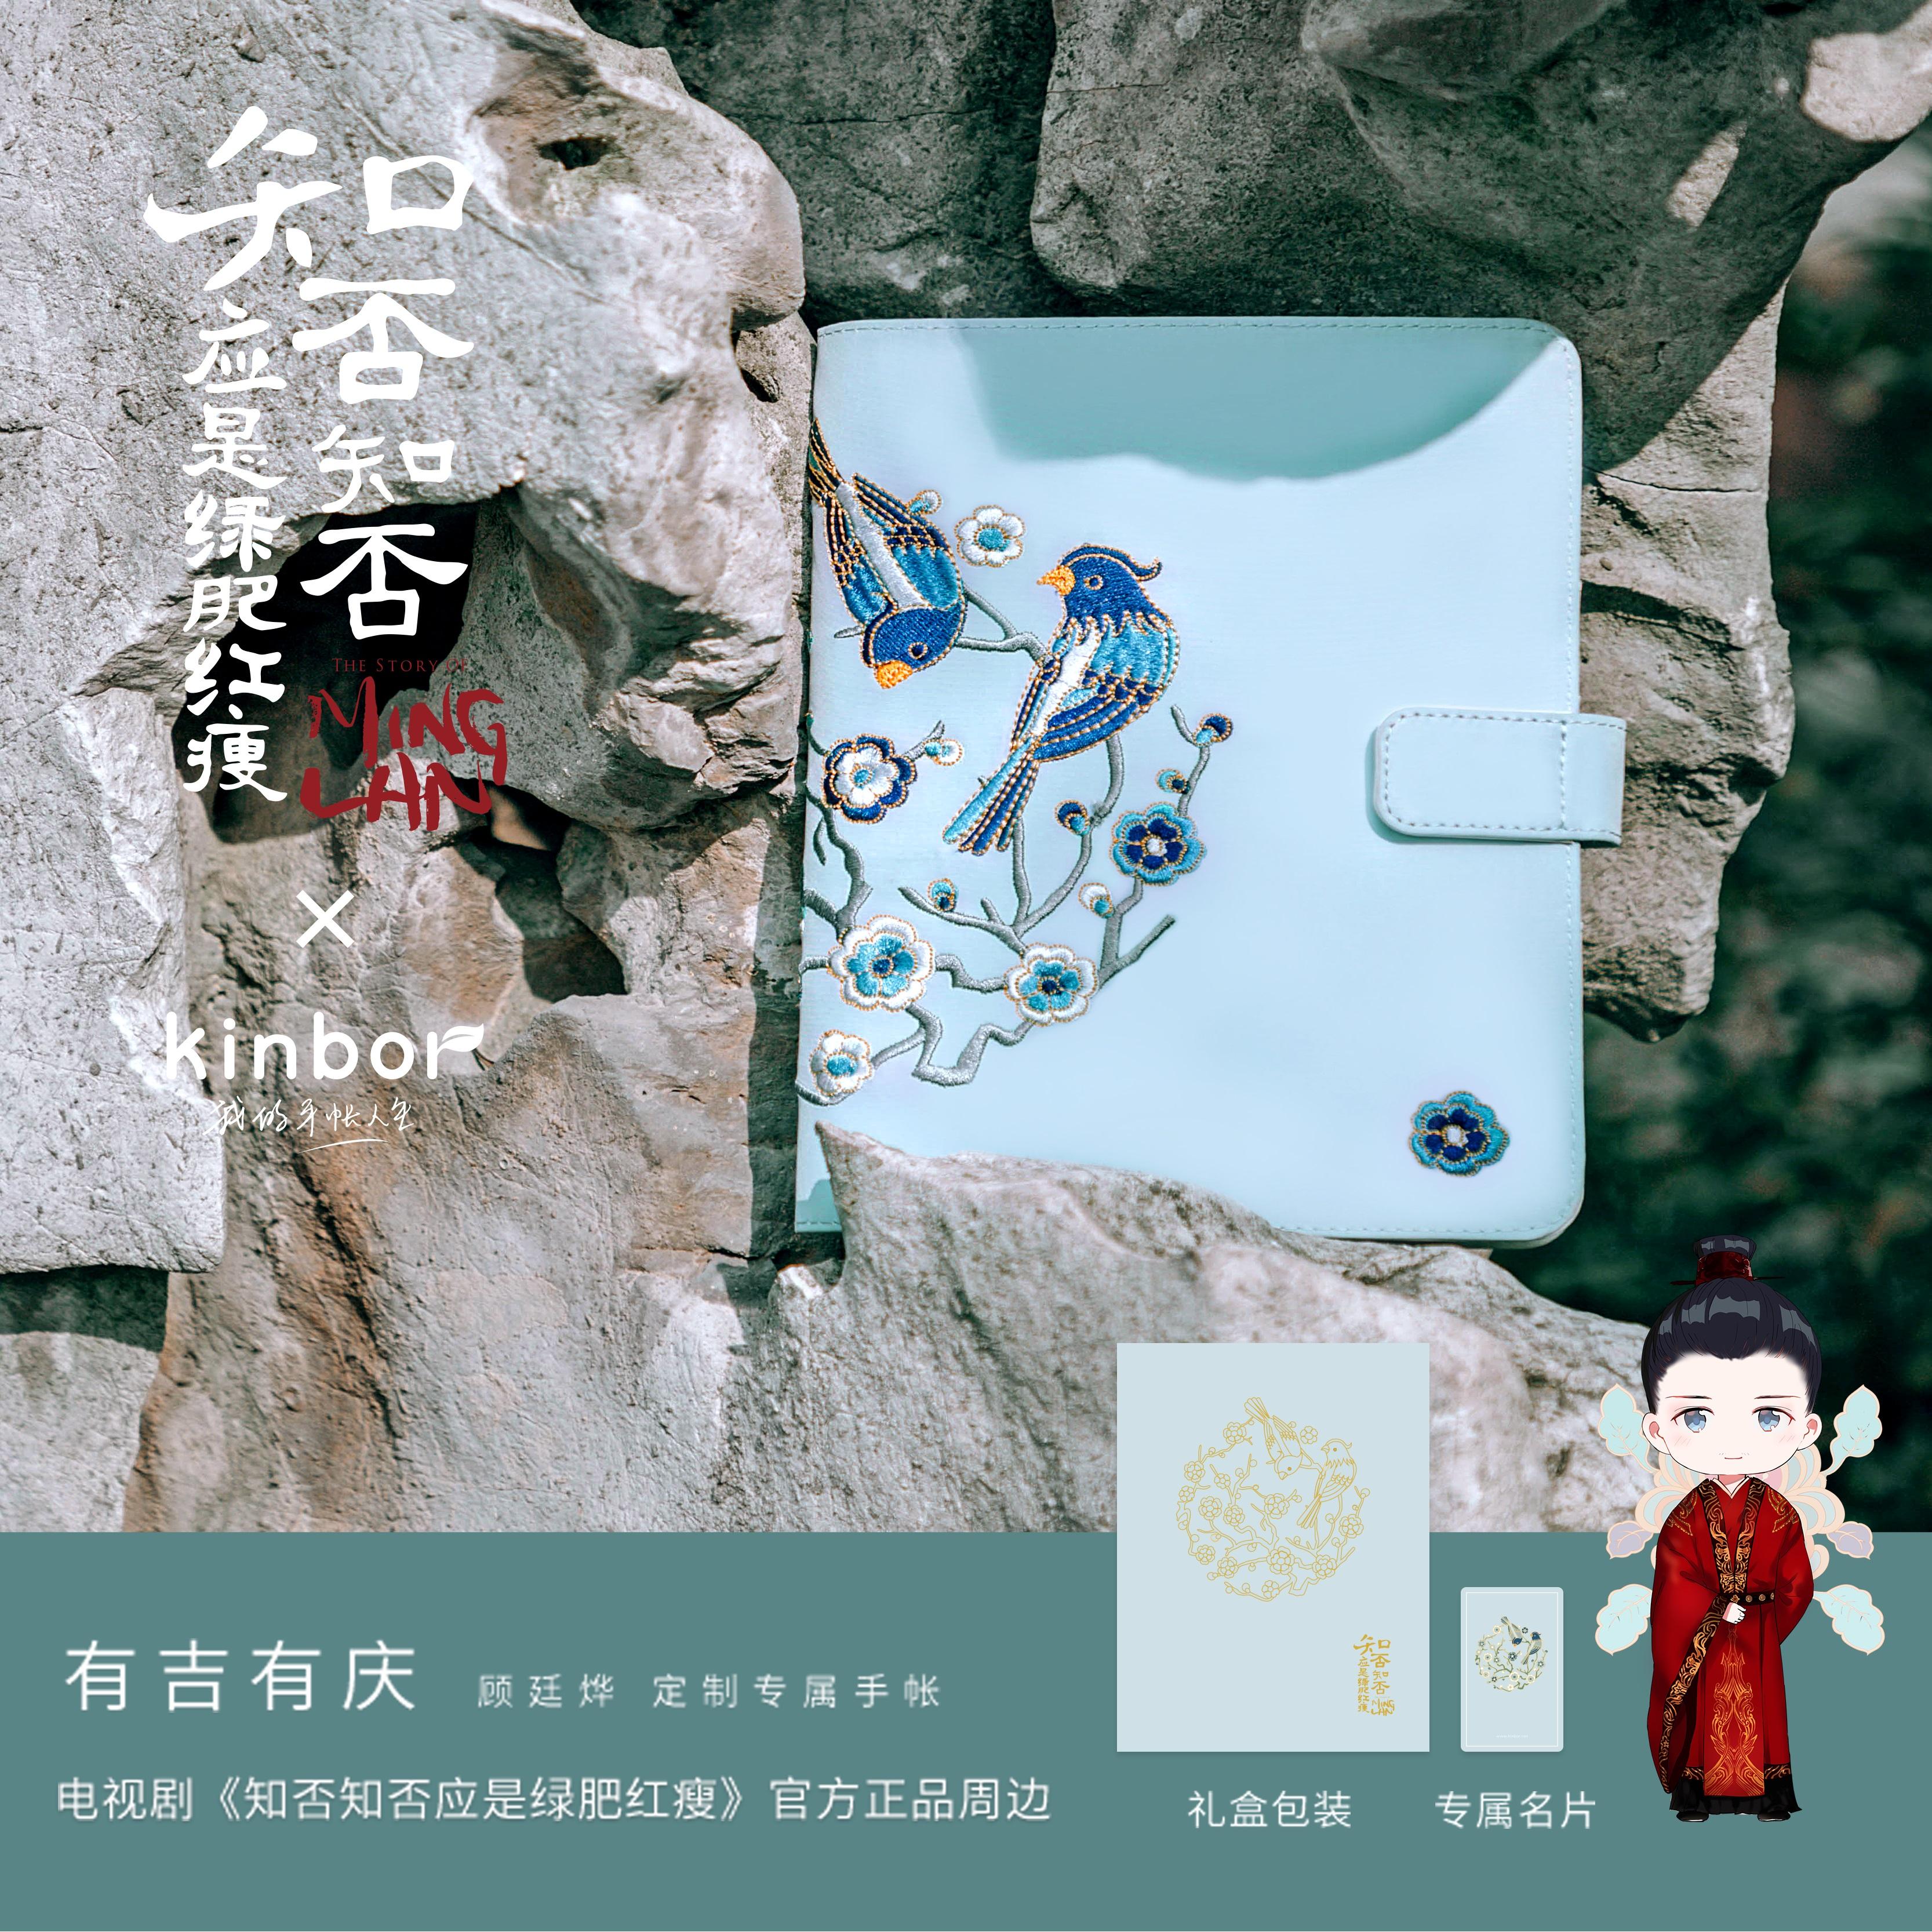 【kinbor X 知否】顾廷烨手帐本日记本古风日-顾渚紫茶(kinbor旗舰店仅售129元)